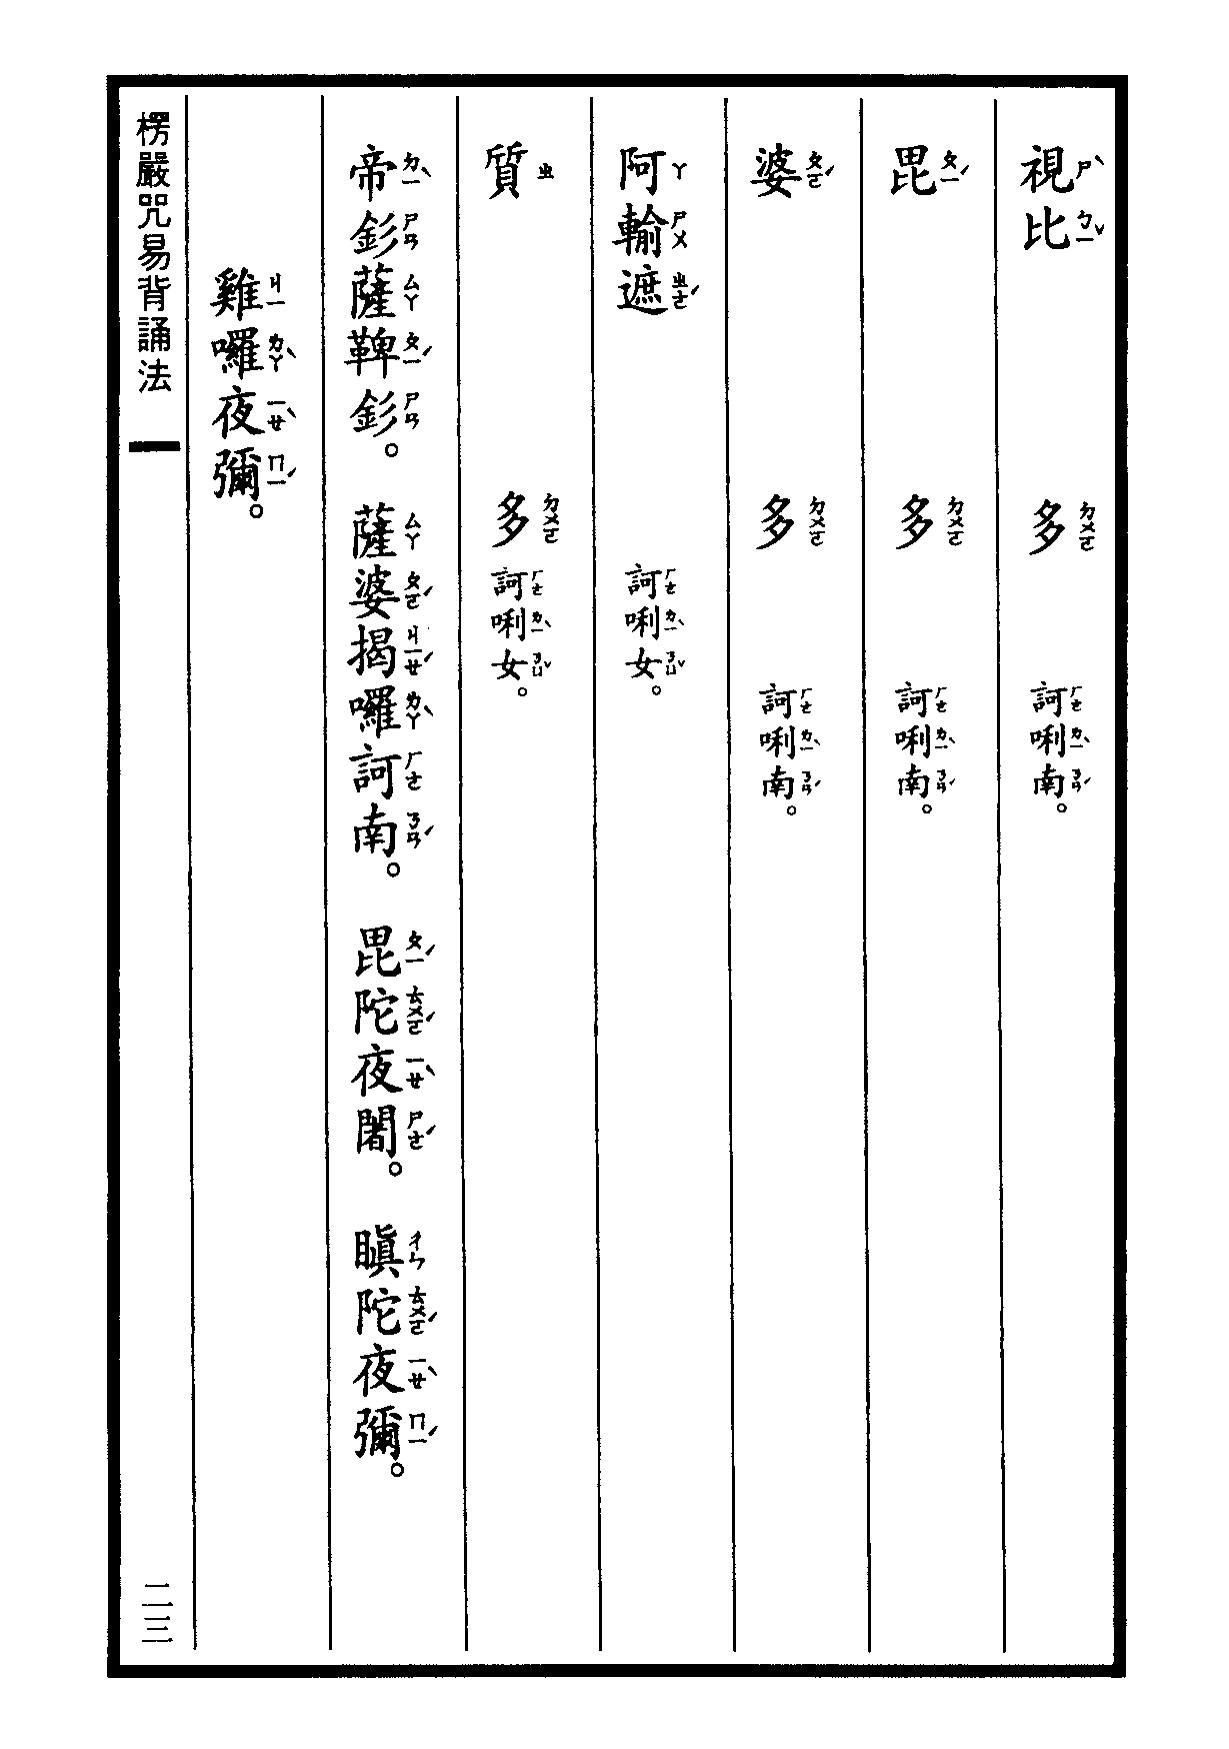 楞嚴咒-大悲咒-十小咒-易背本 29.png